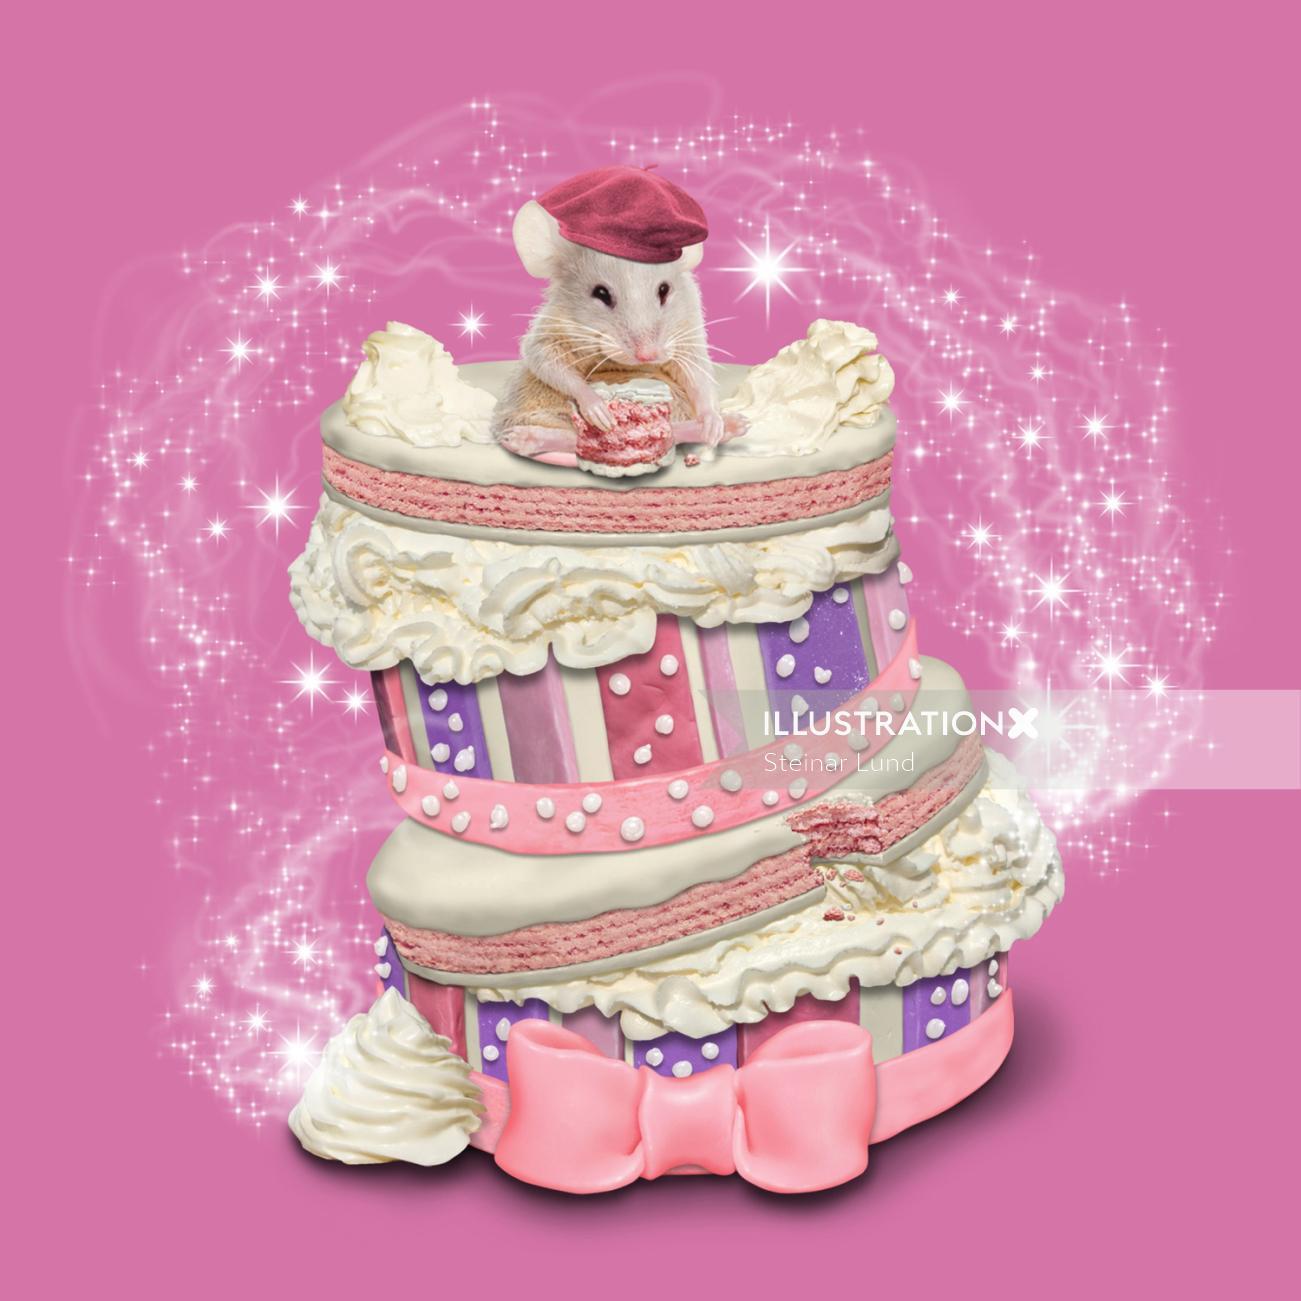 Cover Illustration for Children's Book